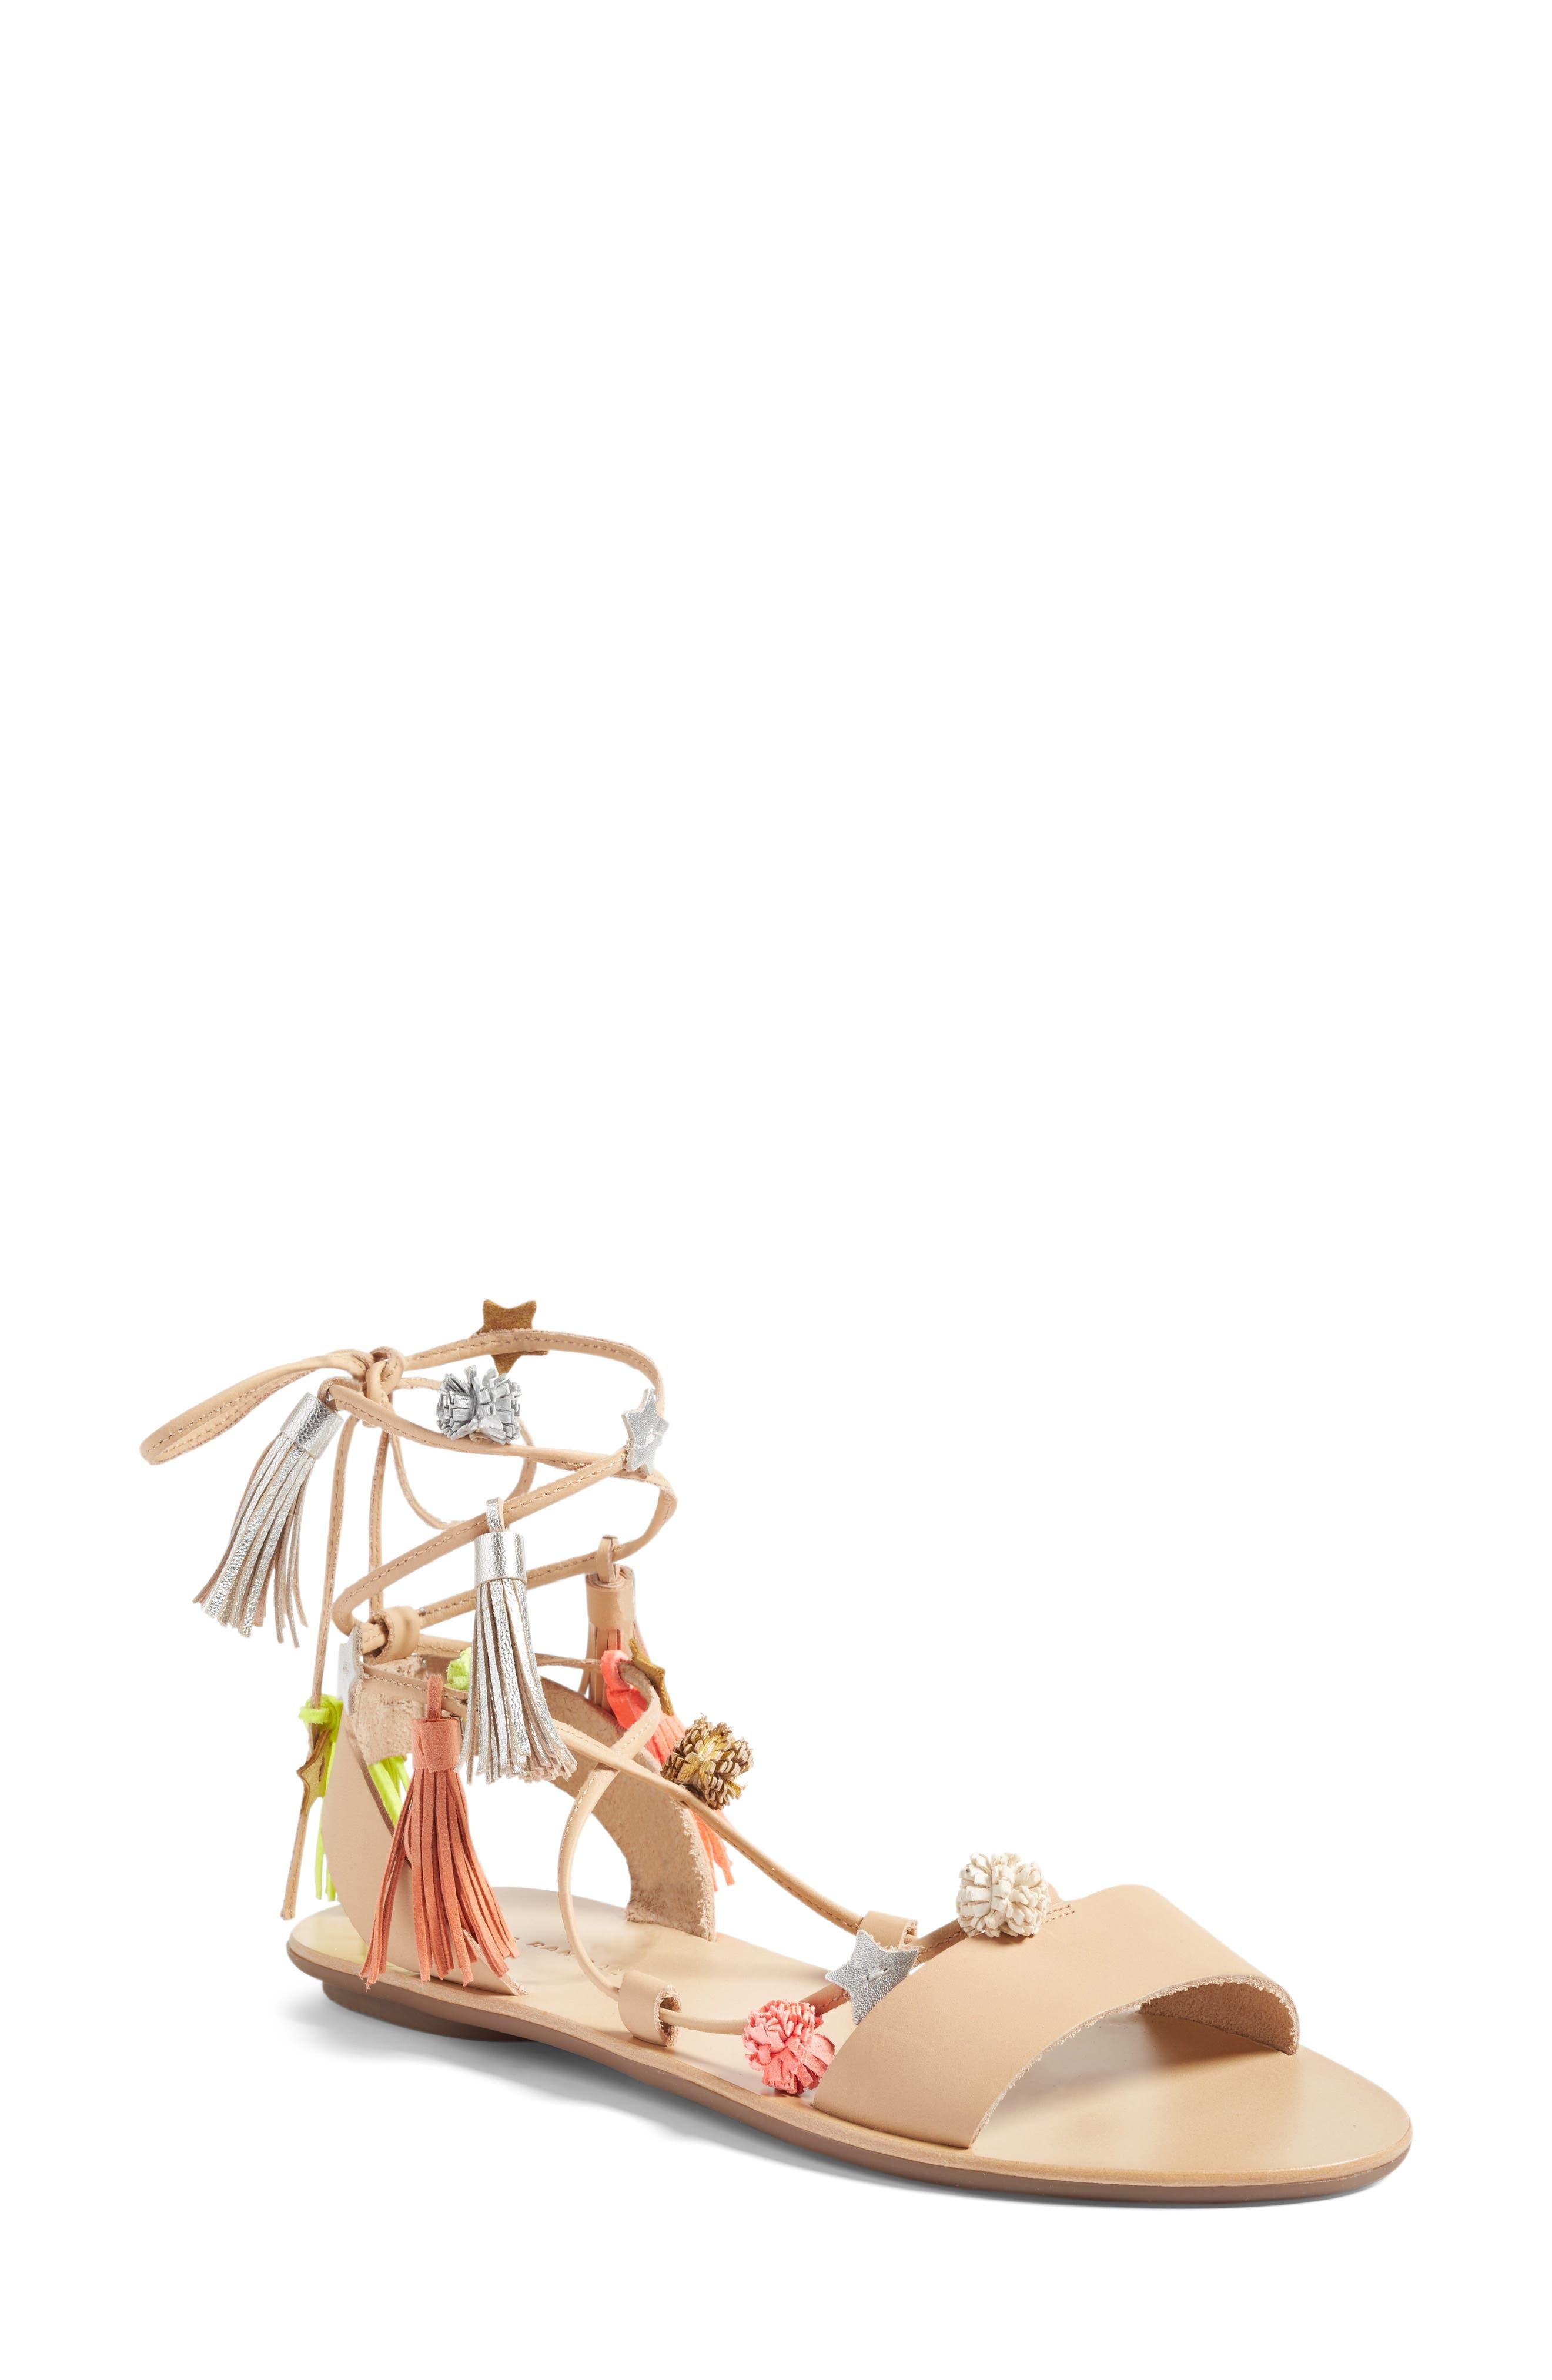 Alternate Image 1 Selected - Loeffler Randall Suze Embellished Wraparound Sandal (Women)